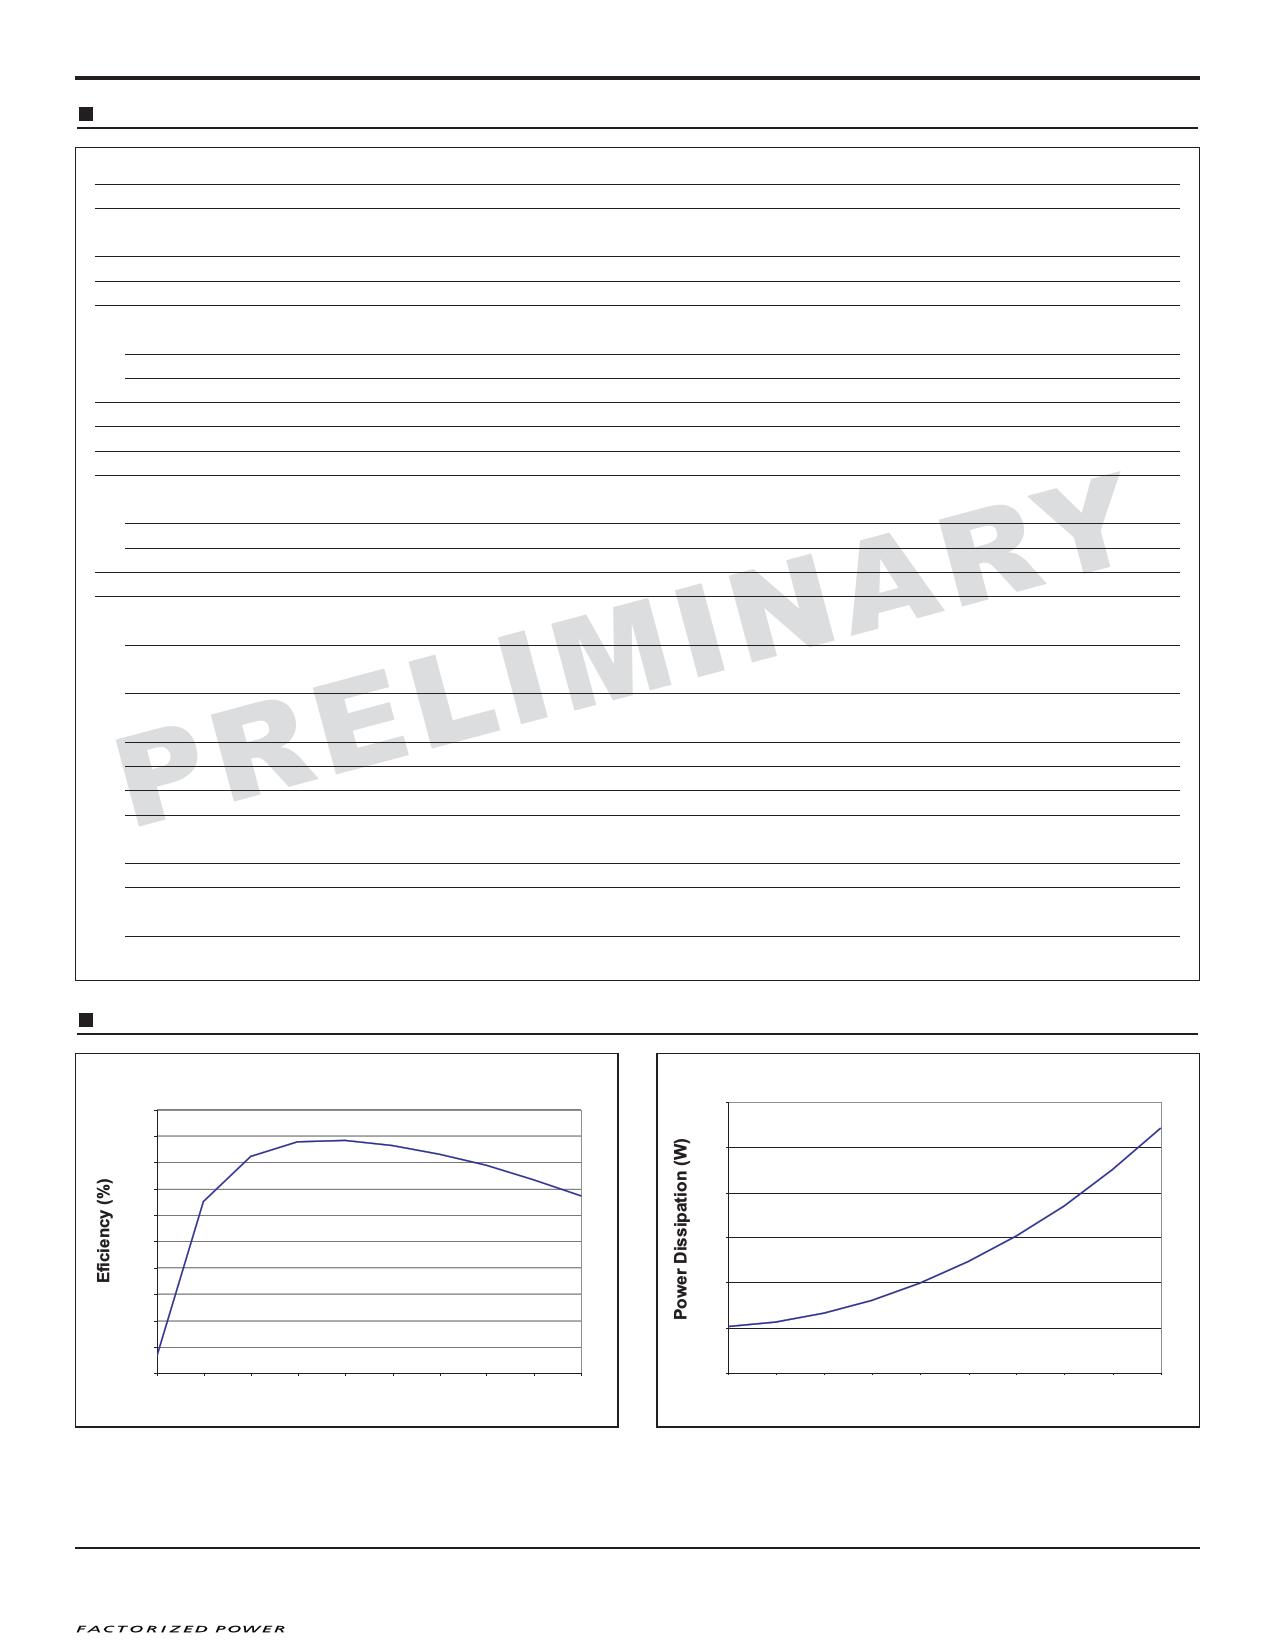 V048G015T80 pdf, 電子部品, 半導体, ピン配列